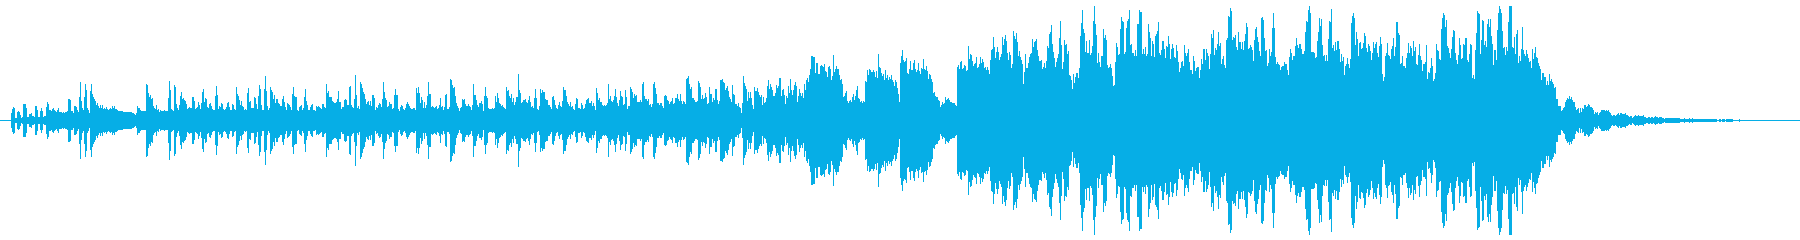 重低音強めのHipHopの再生済みの波形